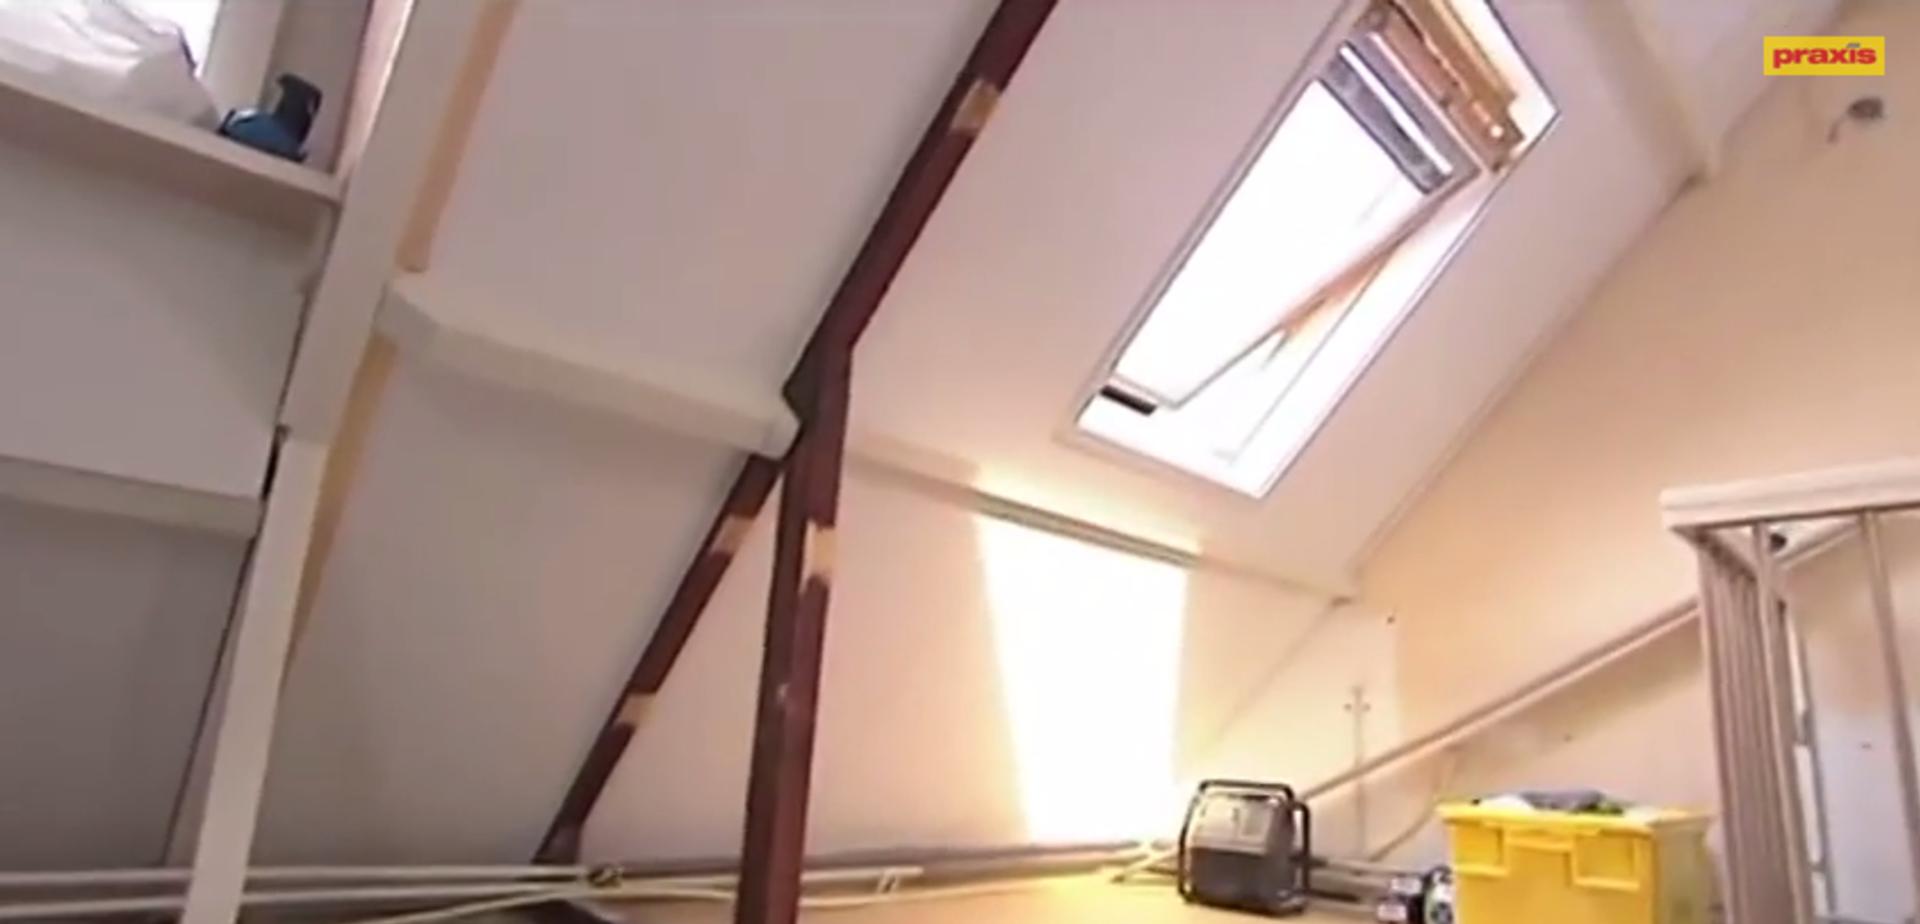 Lange ramen zolder beste inspiratie voor huis ontwerp - Decoratie zolder ...